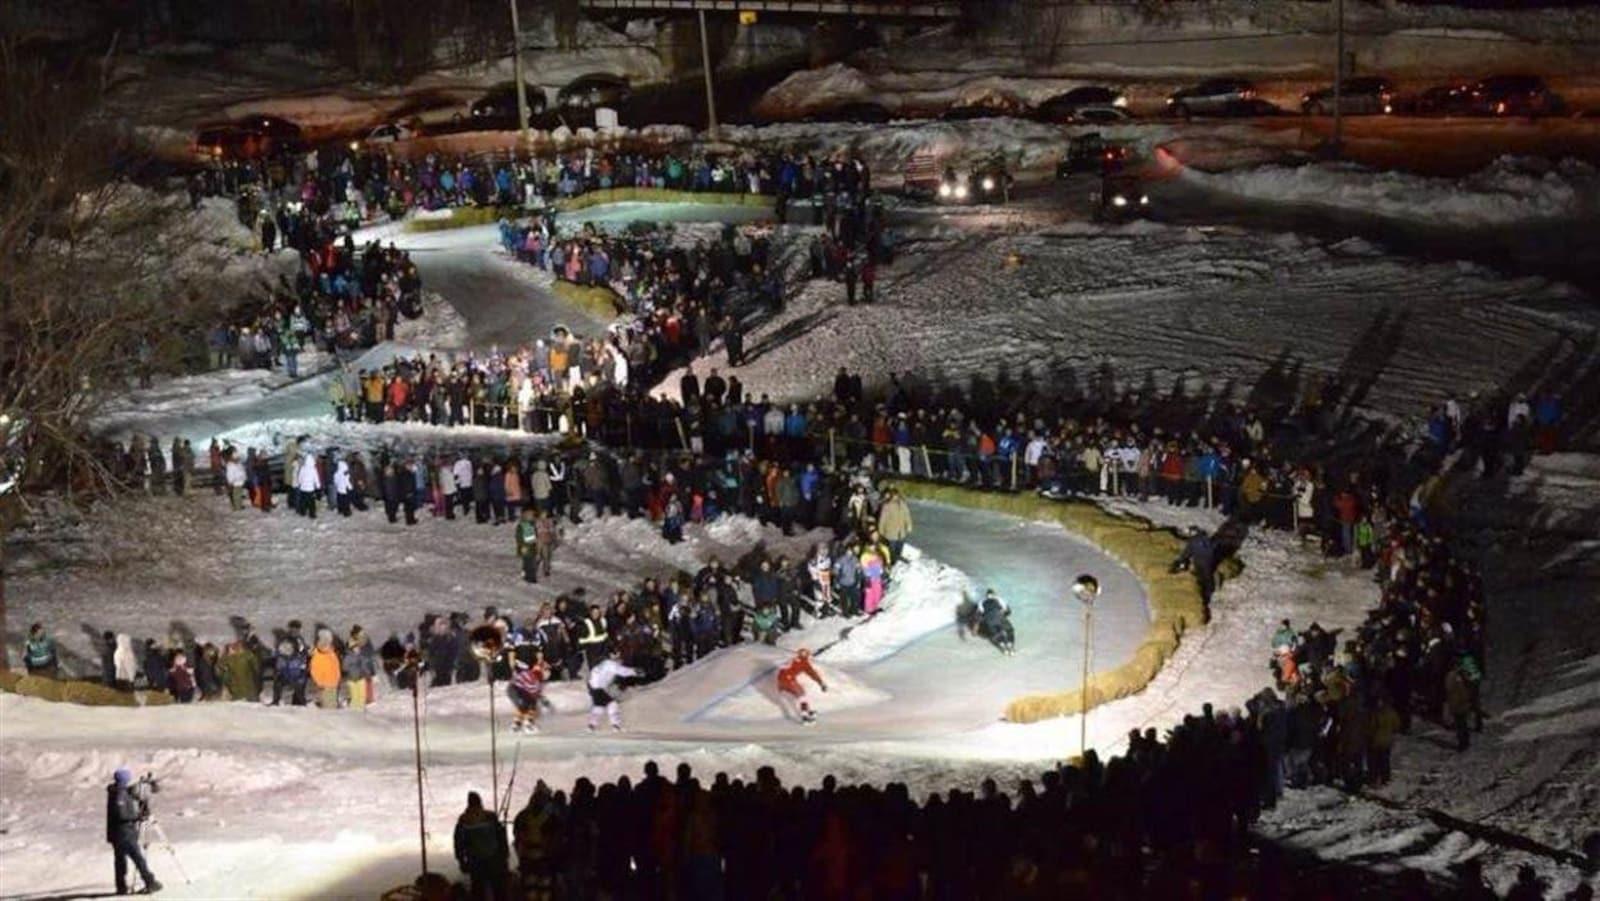 Des patineurs dévalent une piste en lacets